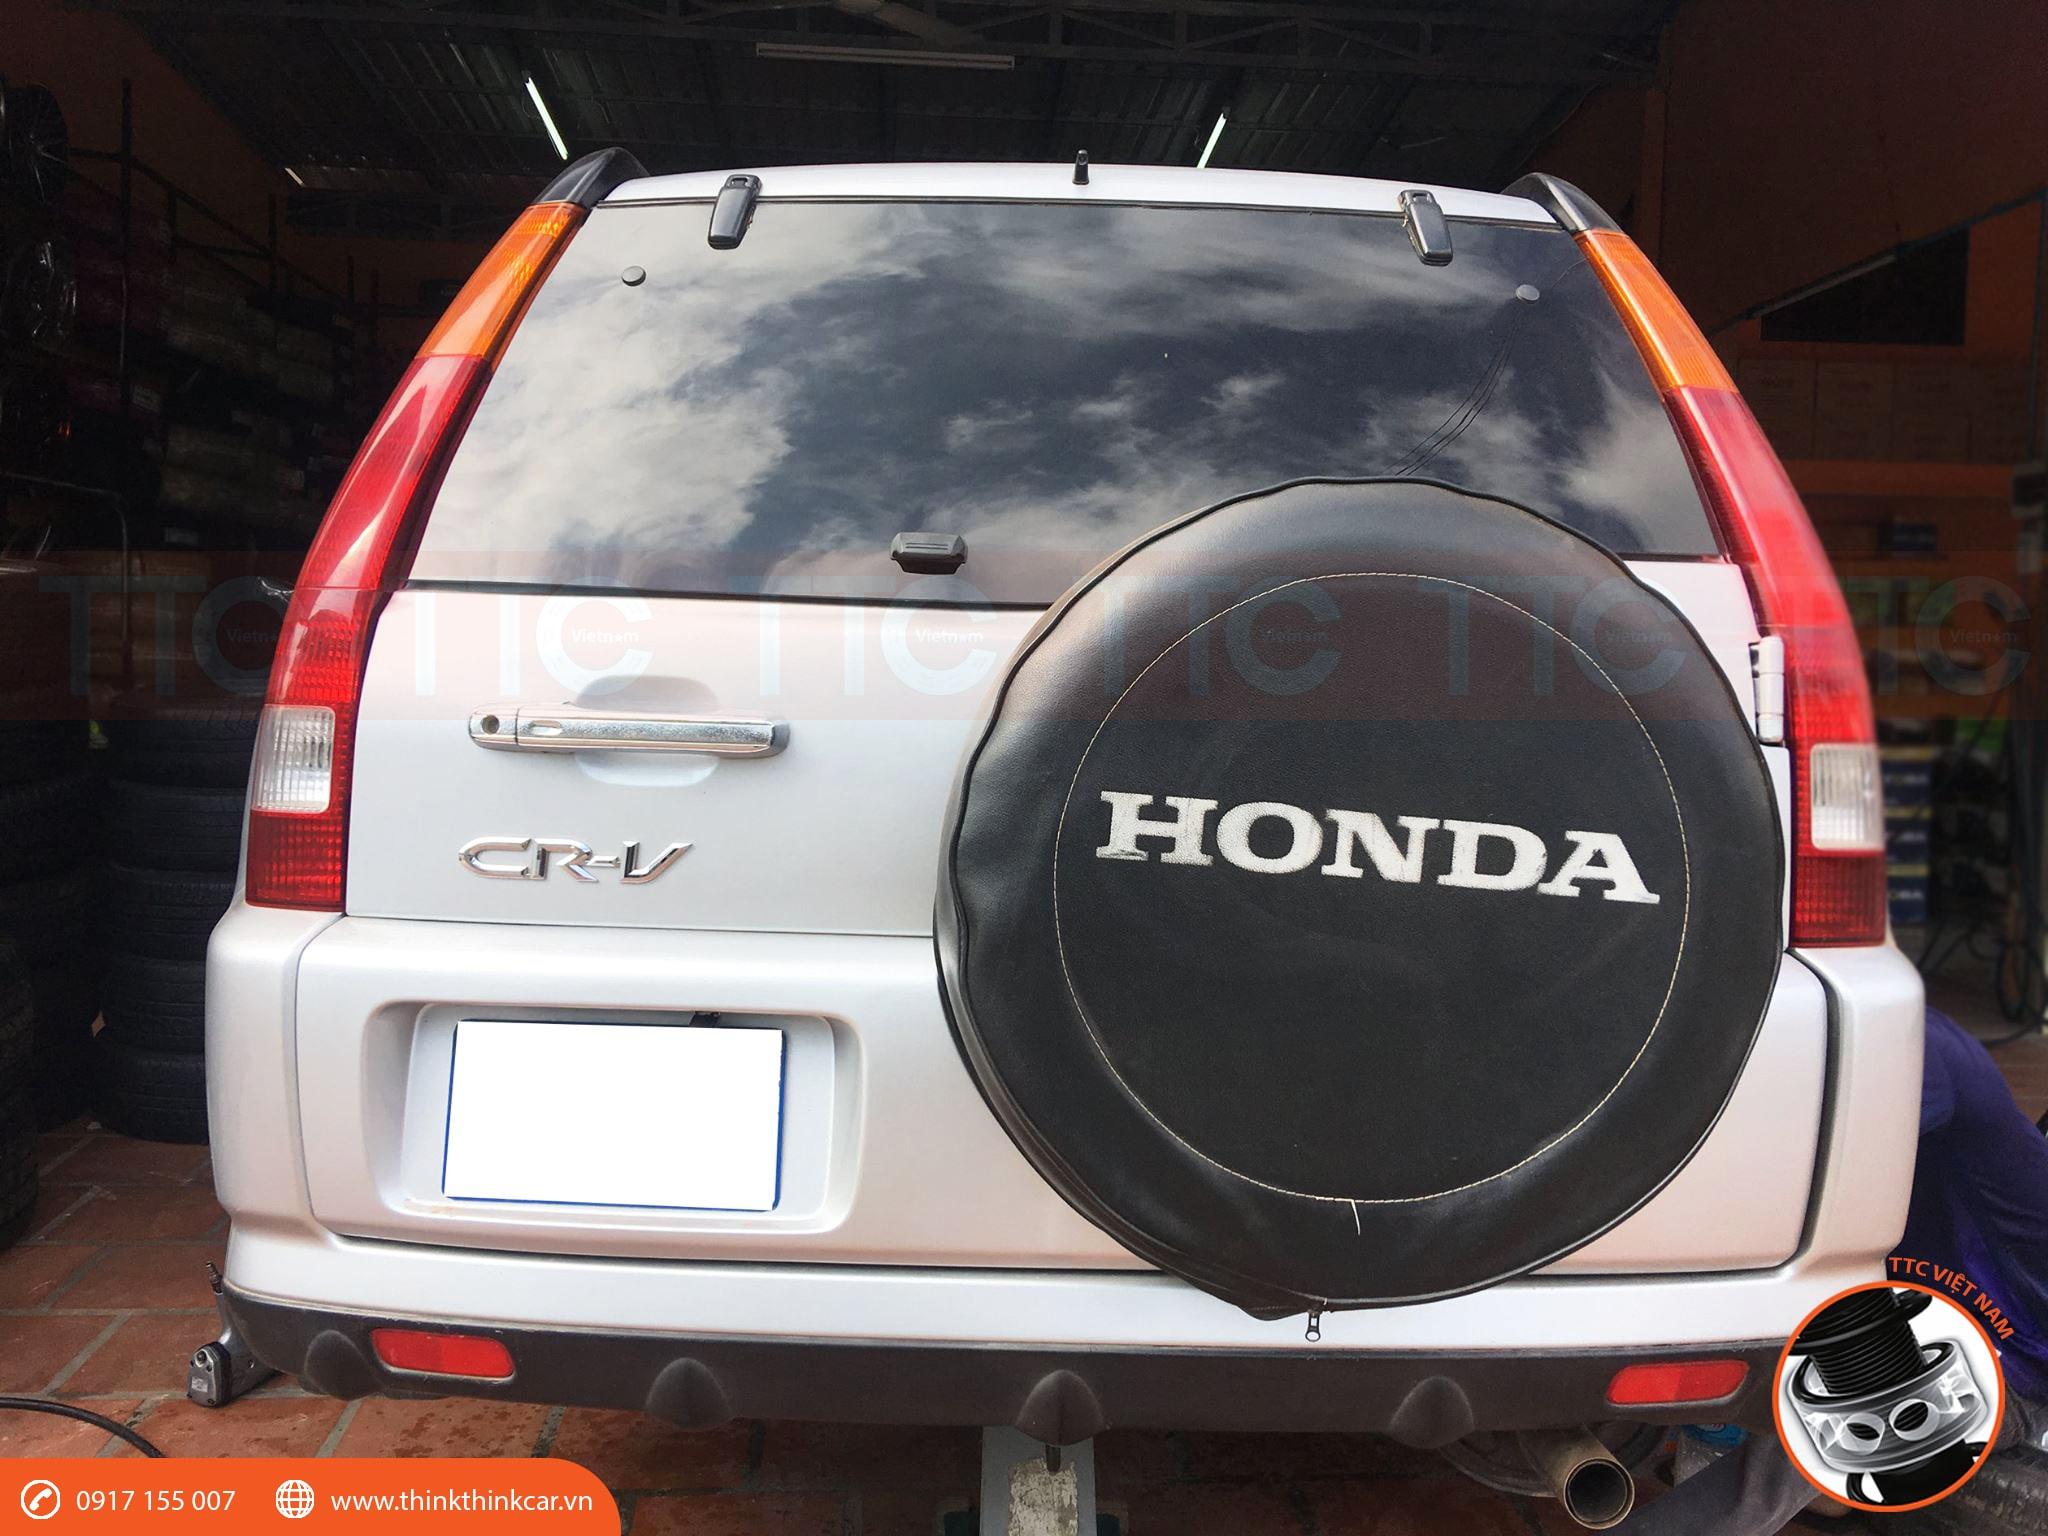 Honda-CR-V dem giam chan ttc